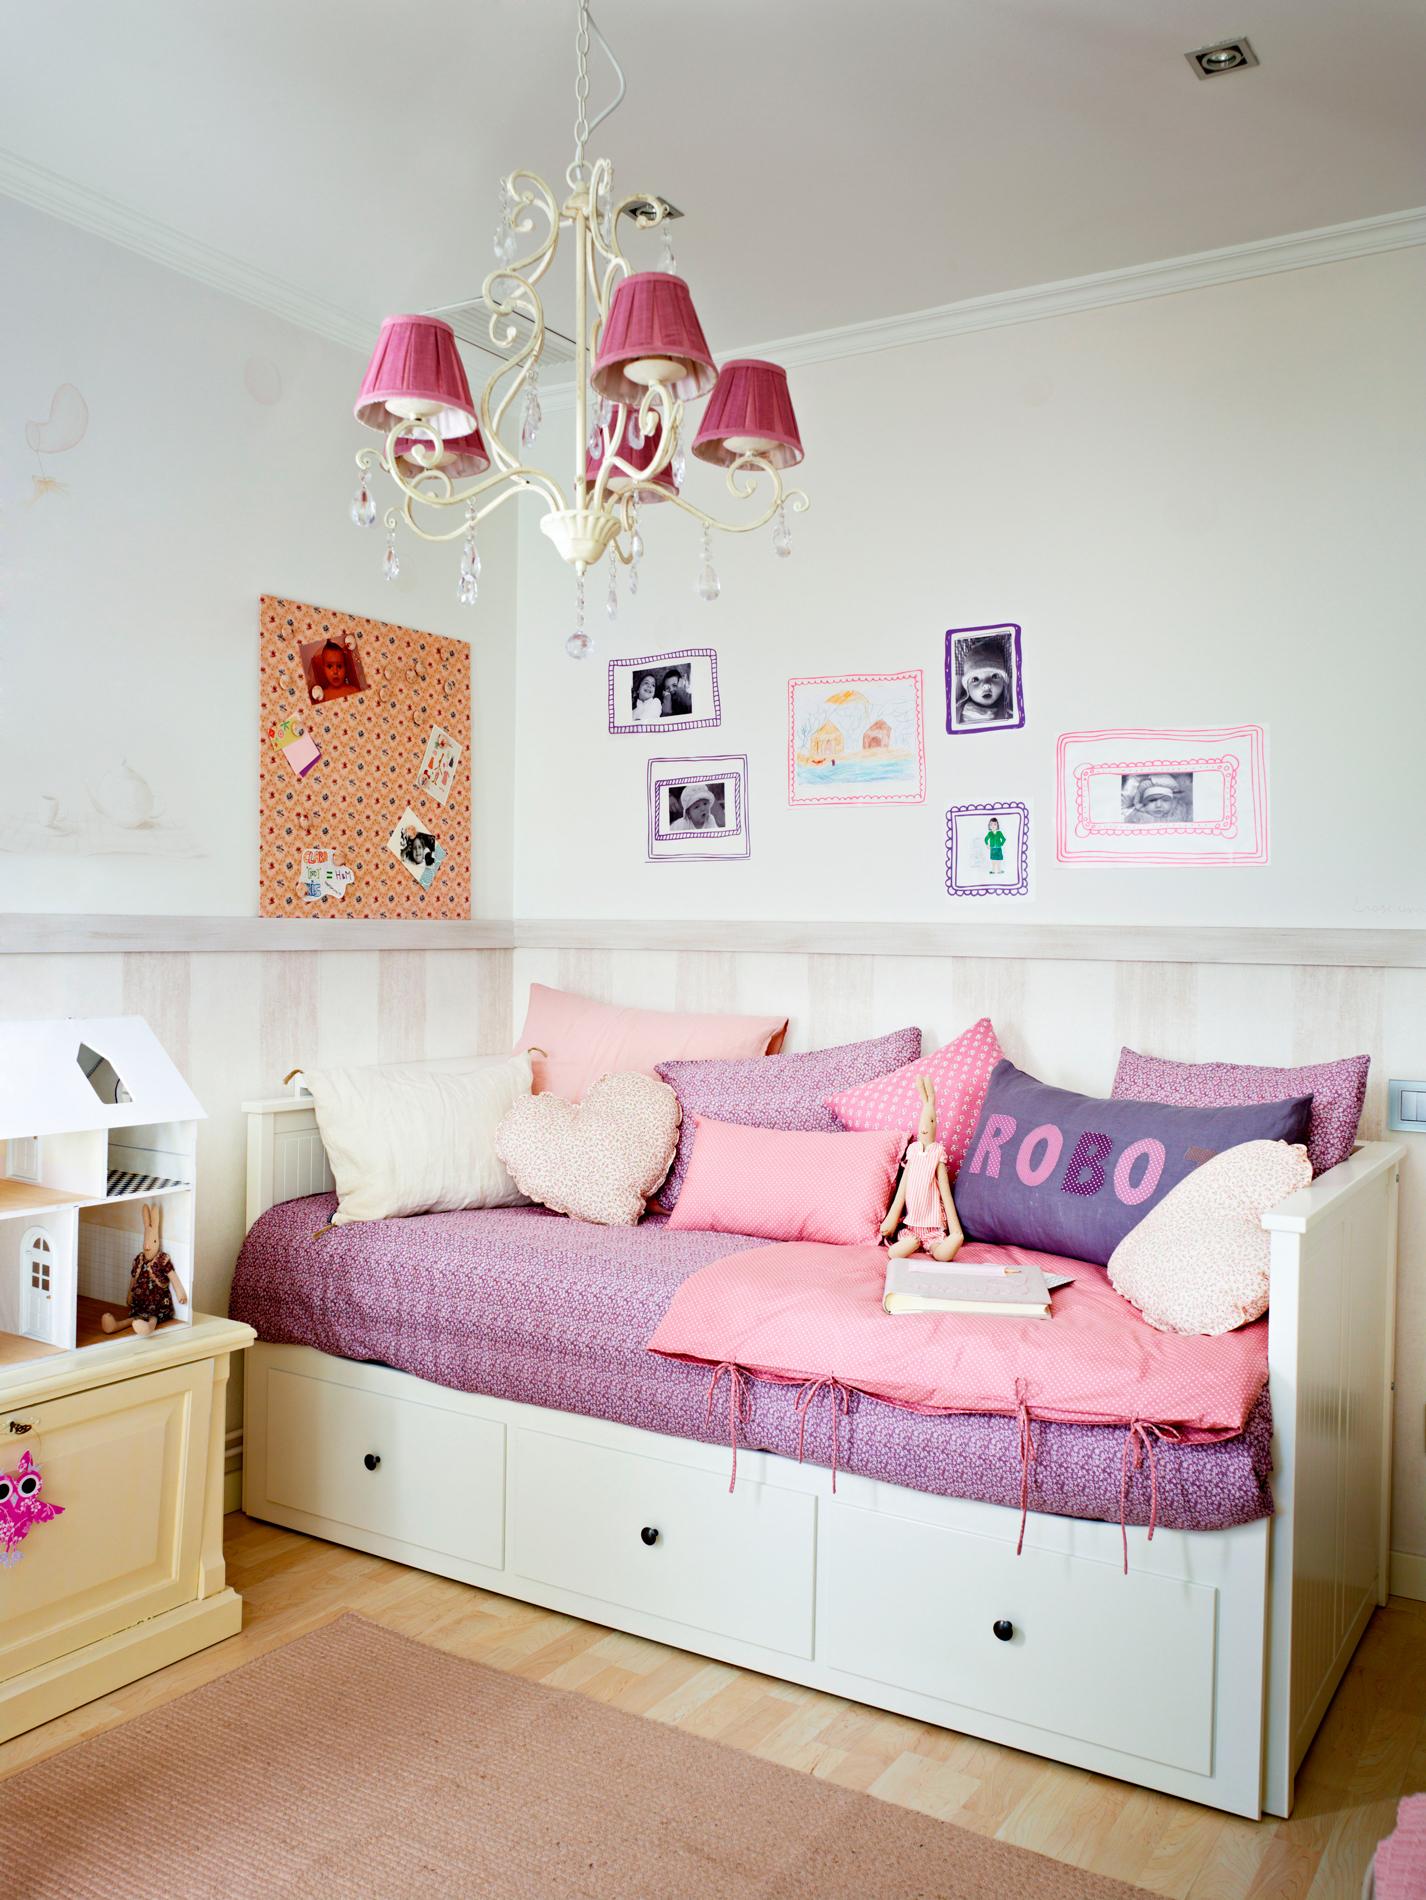 Gana espacio como por arte de magia en el cuarto de los peques - Lamparas para habitaciones infantiles ...